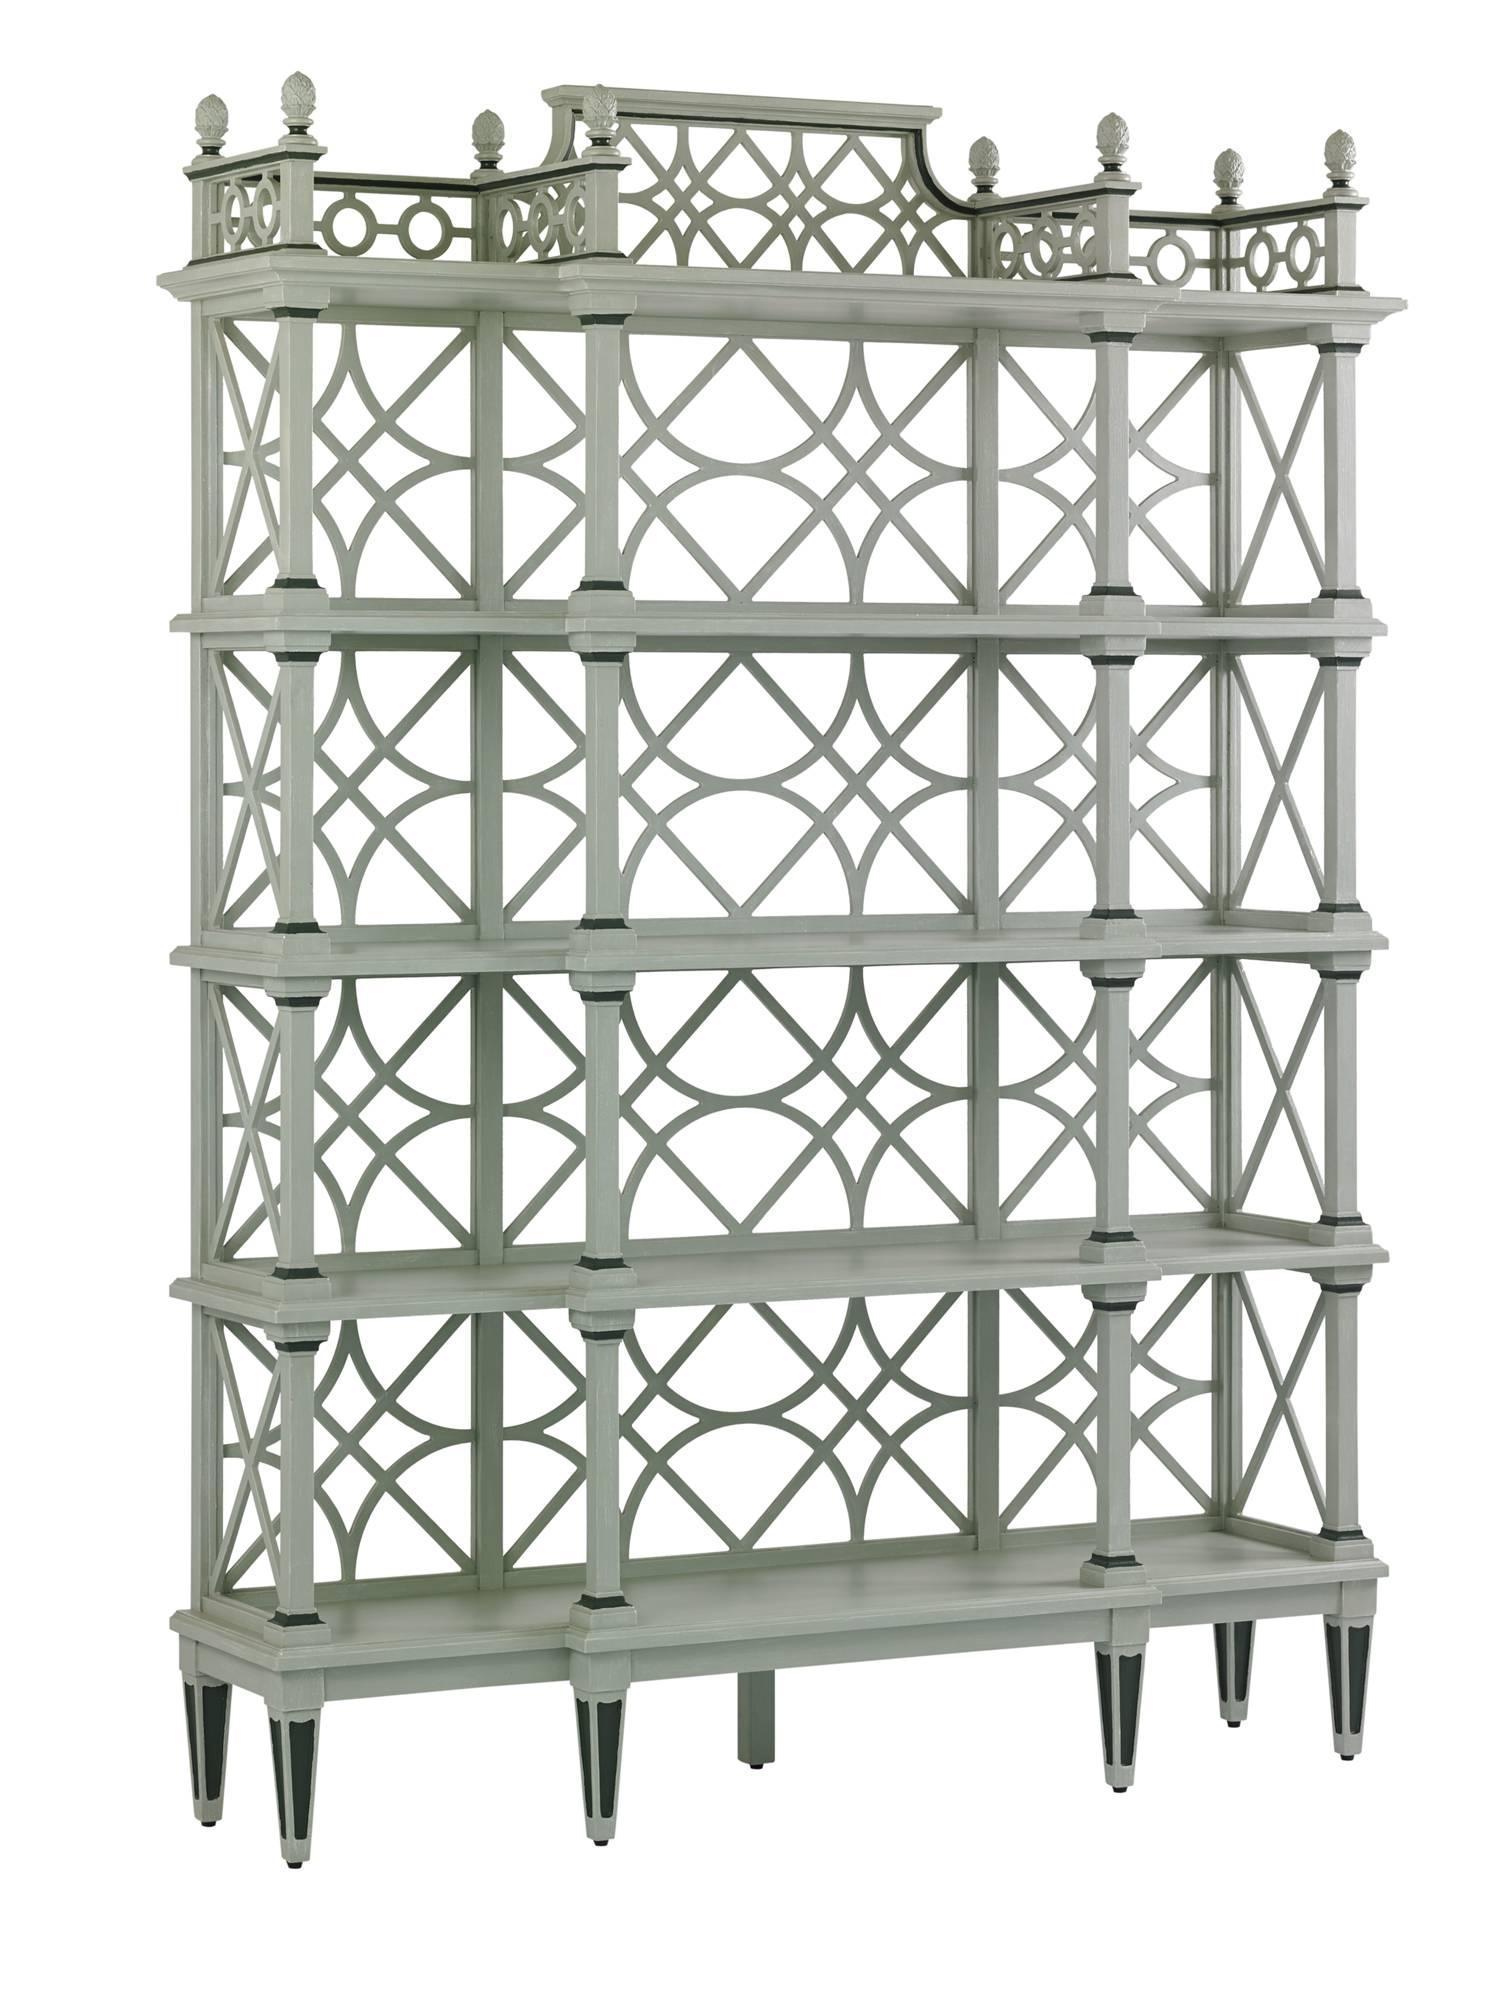 Stanley Furniture Preserve Botany Etagere - Item Number: 340-51-18